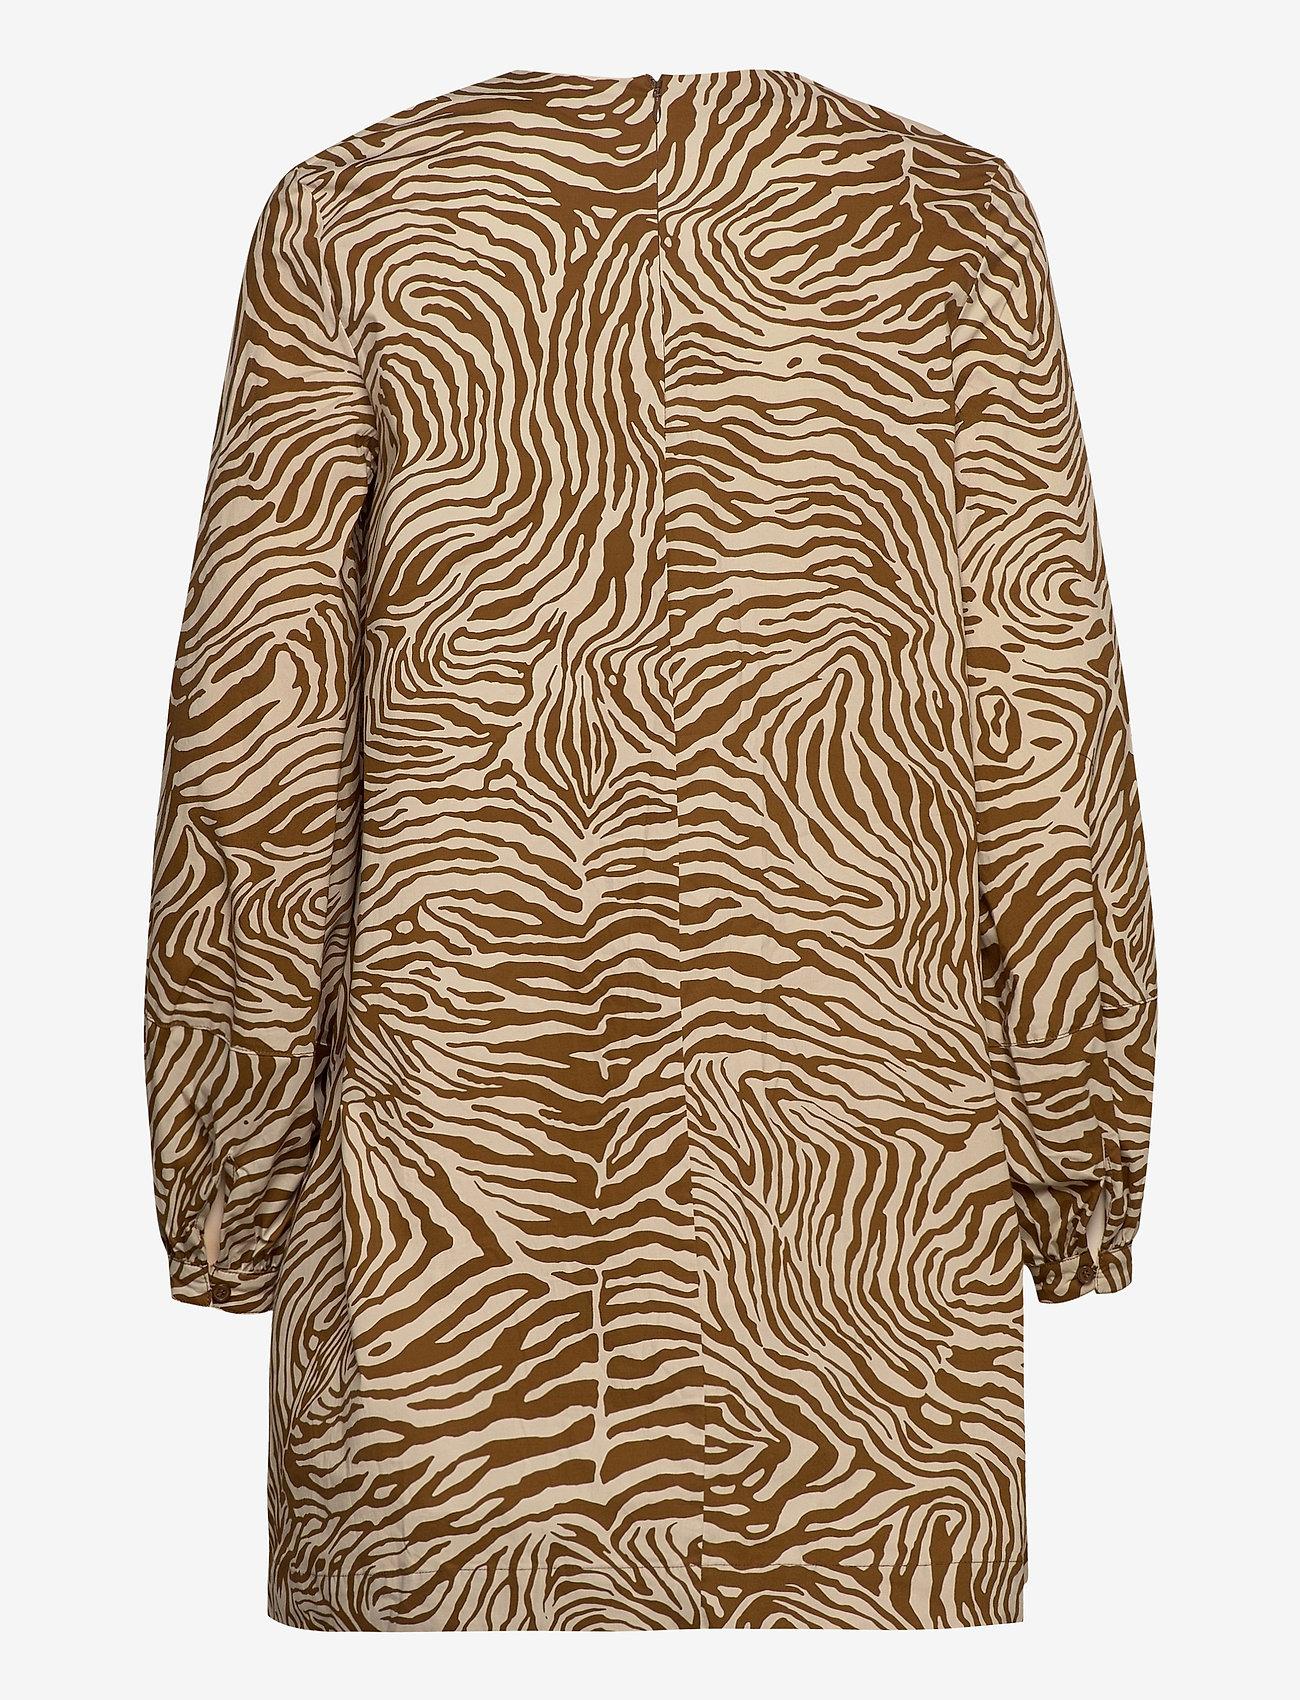 Samsøe Samsøe - Aram short dress aop 10783 - sommerkjoler - mountain zebra - 2